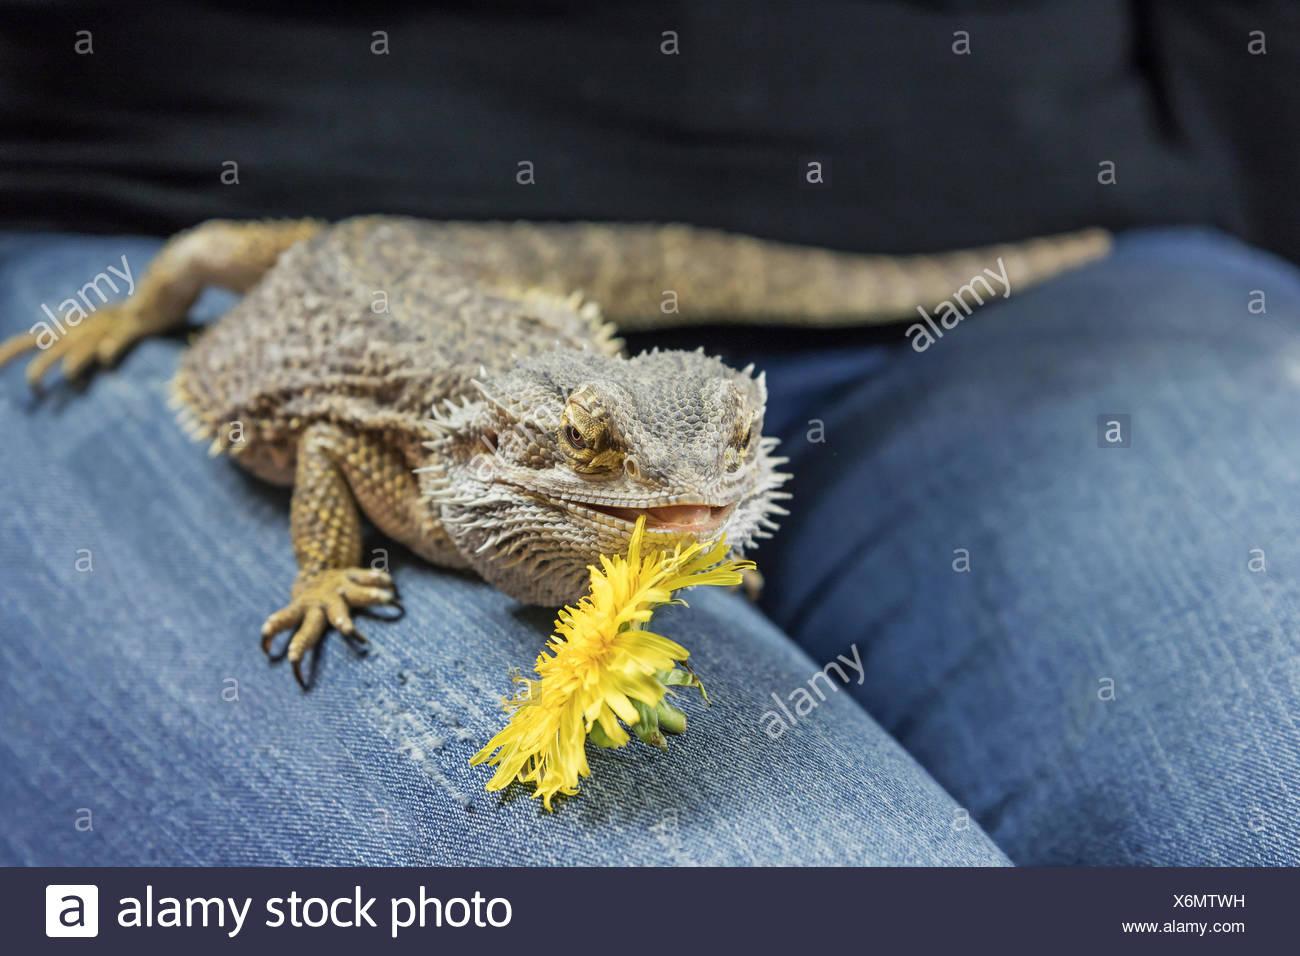 Agama lagarto jaramago en el regazo femenino Foto de stock